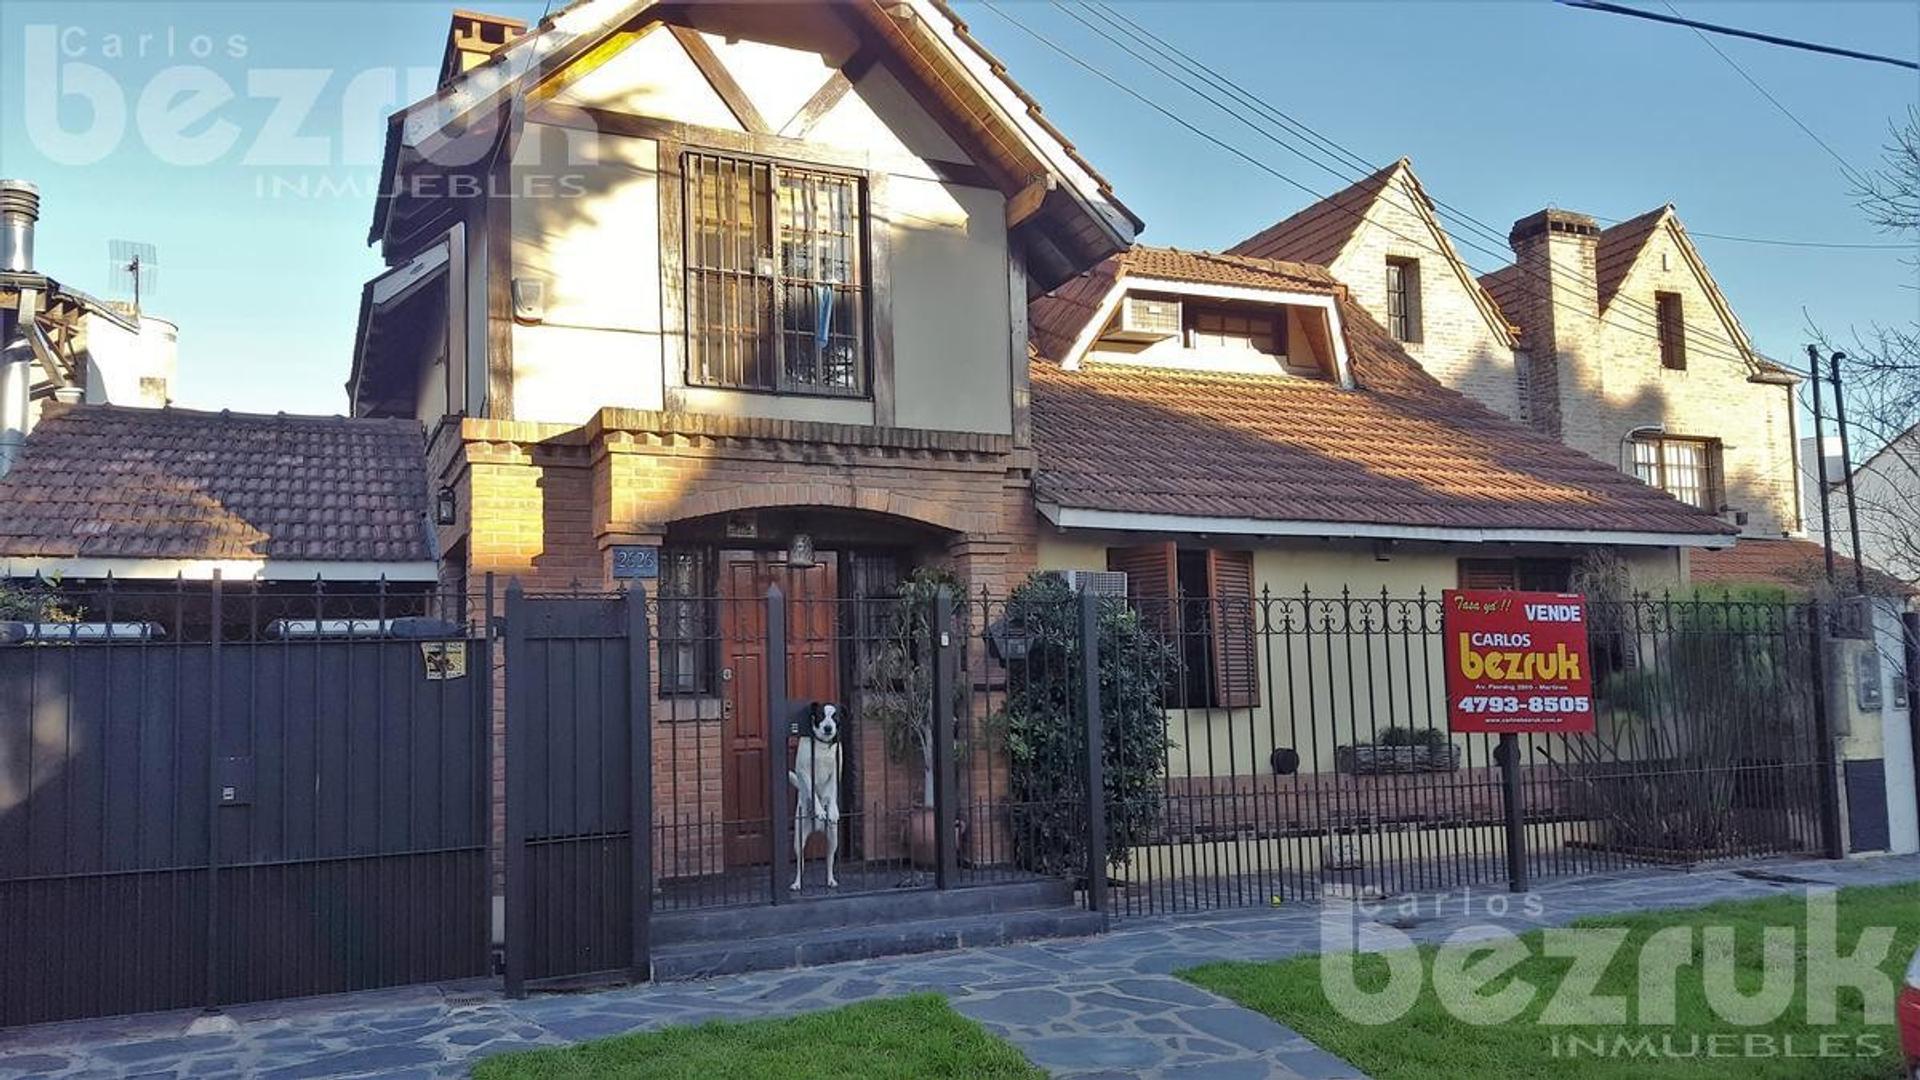 Casa venta; Martinez, 3 dormitorios, 2 baños, toilette, parrilla, garge